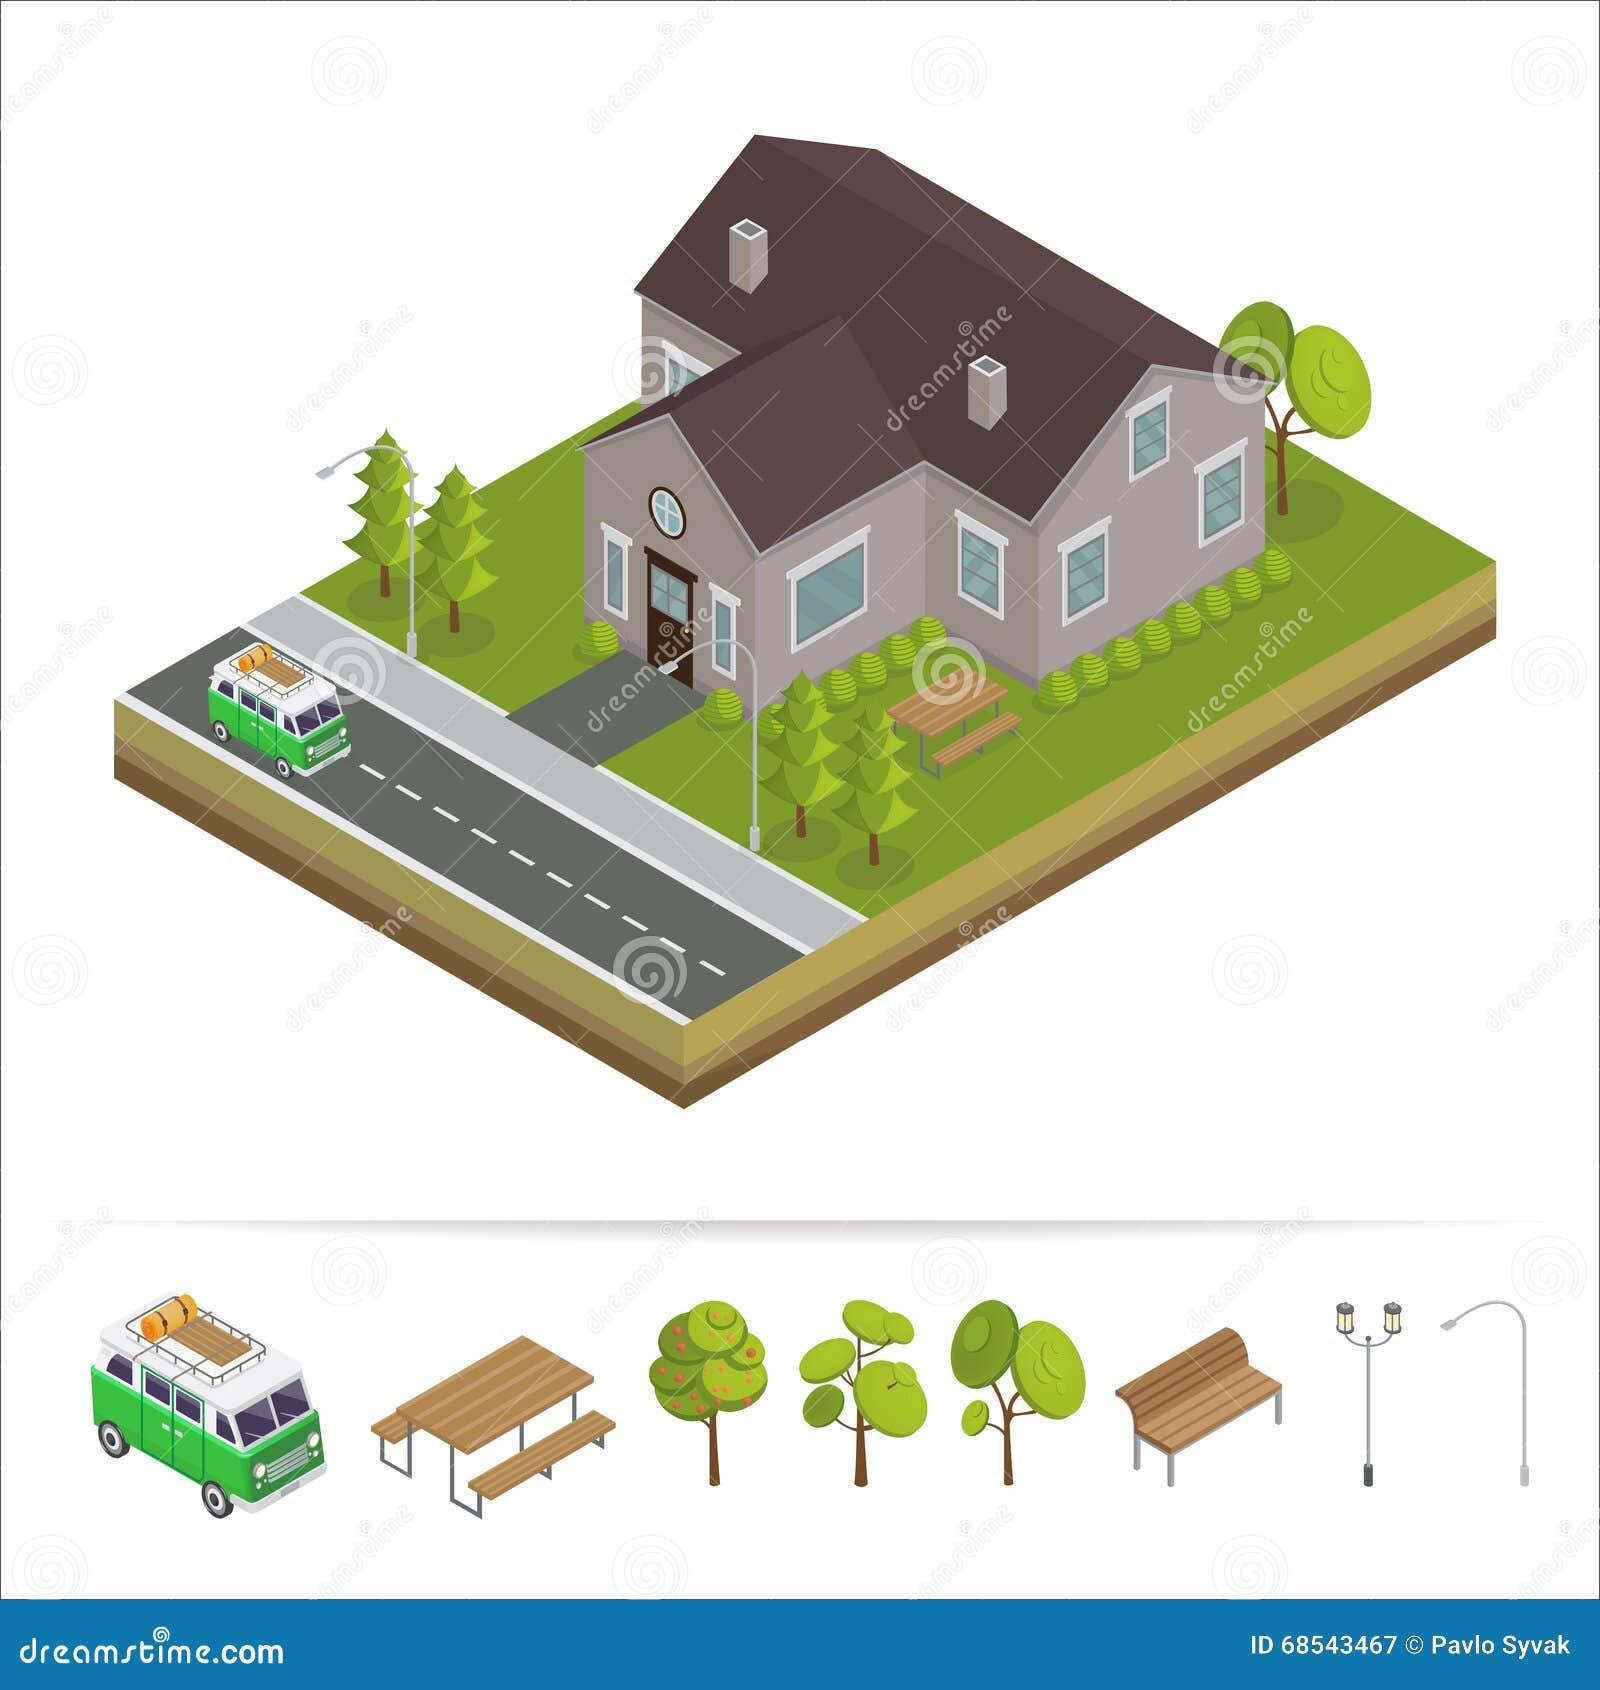 Wunderbar Modernes Haus Modernes Haus Isometrisches Konzept Grundbesitz? Häuser,  Ebenen Für Verkauf Oder Für Miete